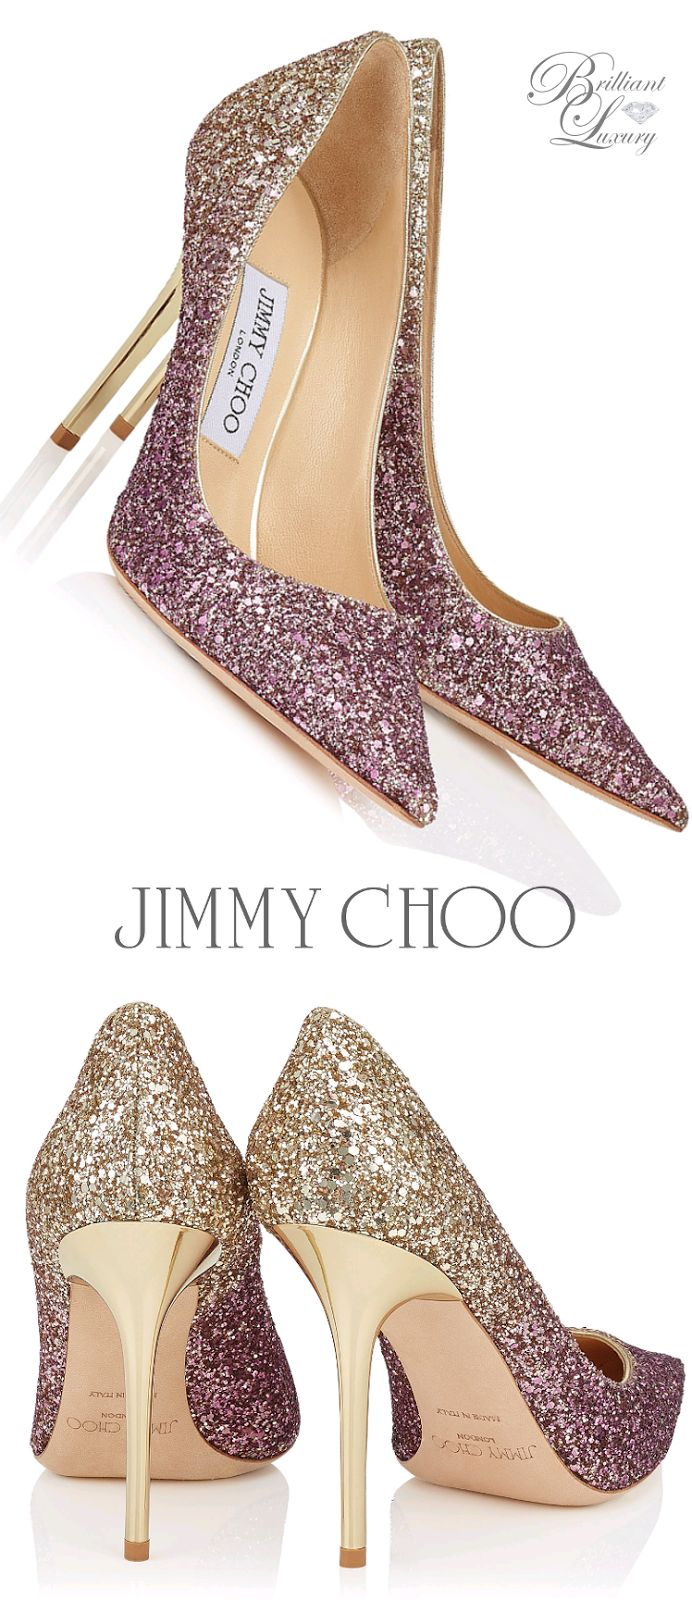 Need!!!! https://www.pinterest.com/lahana/shoes-zapatos-chaussures-schuhe-%E9%9E%8B-schoenen-o%D0%B1%D1%83%D0%B2%D1%8C-%E0%A4%9C/